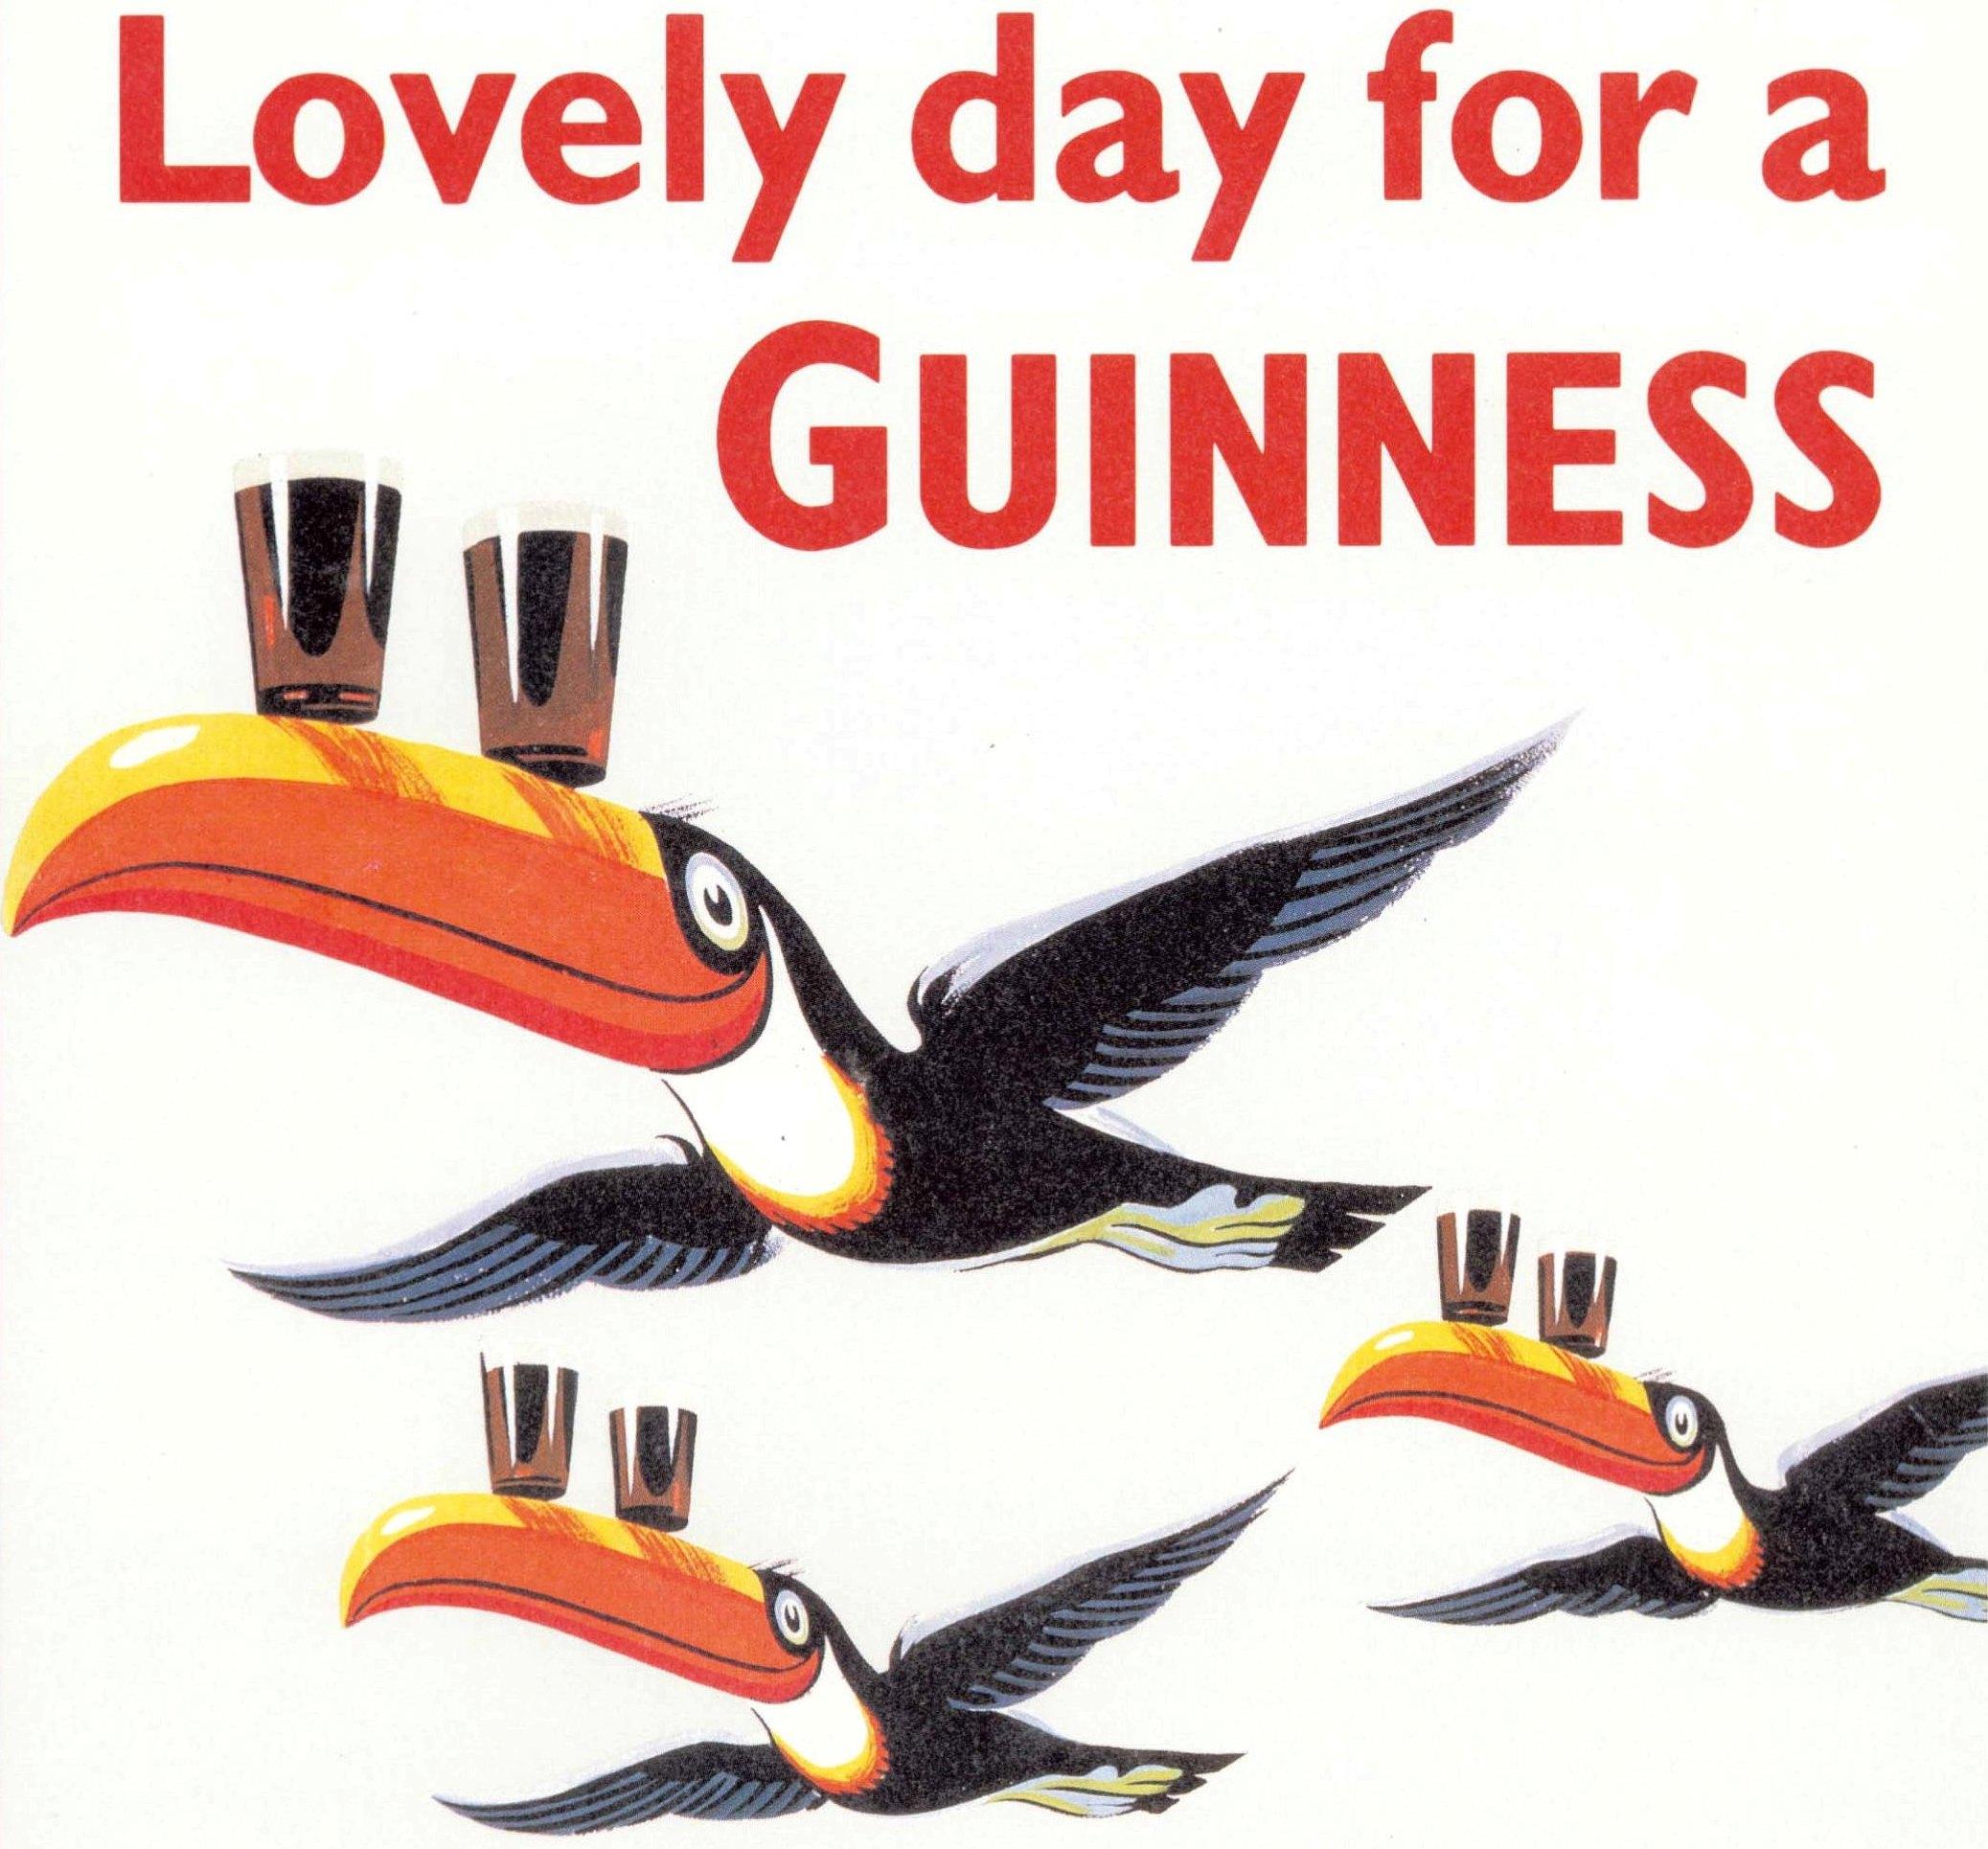 Guinness clipart guinness stout My vegan My goodness guinness